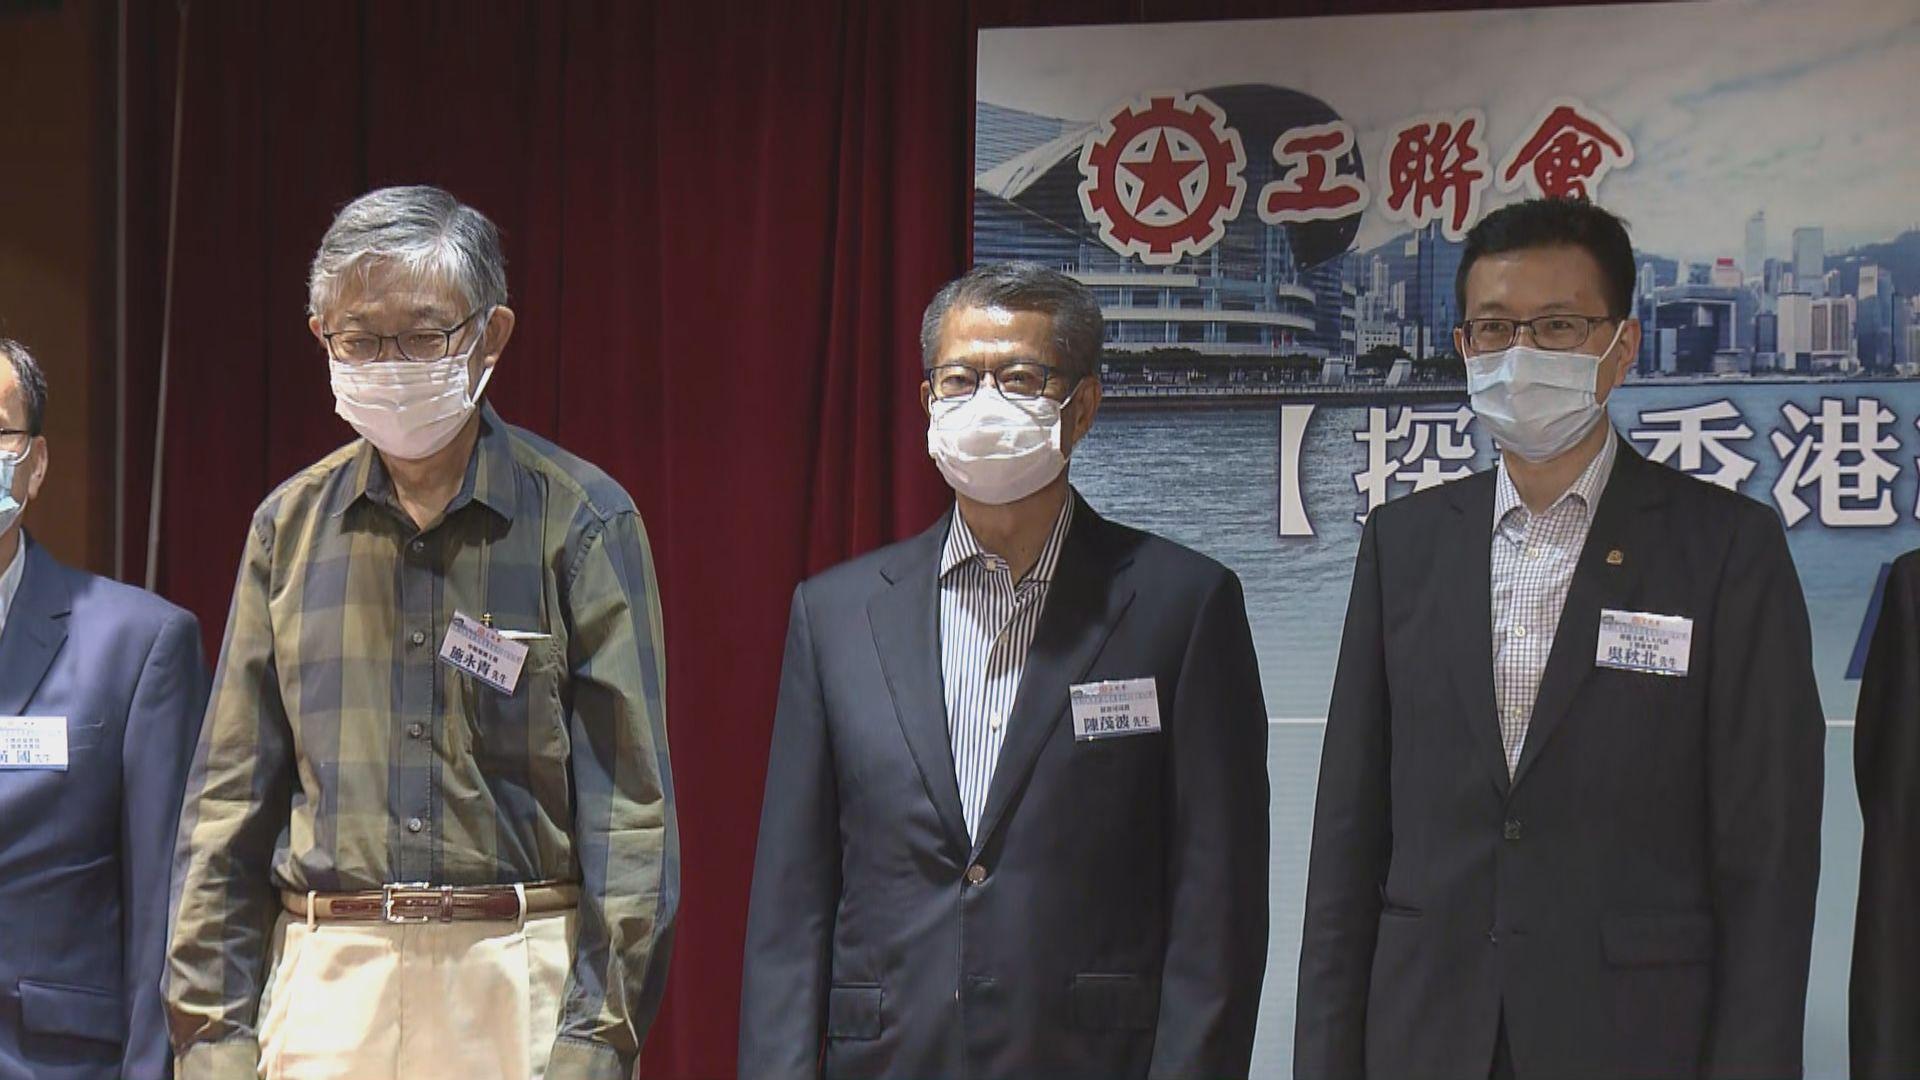 陳茂波:港區國安法可確保免受危害國家安全行為威脅